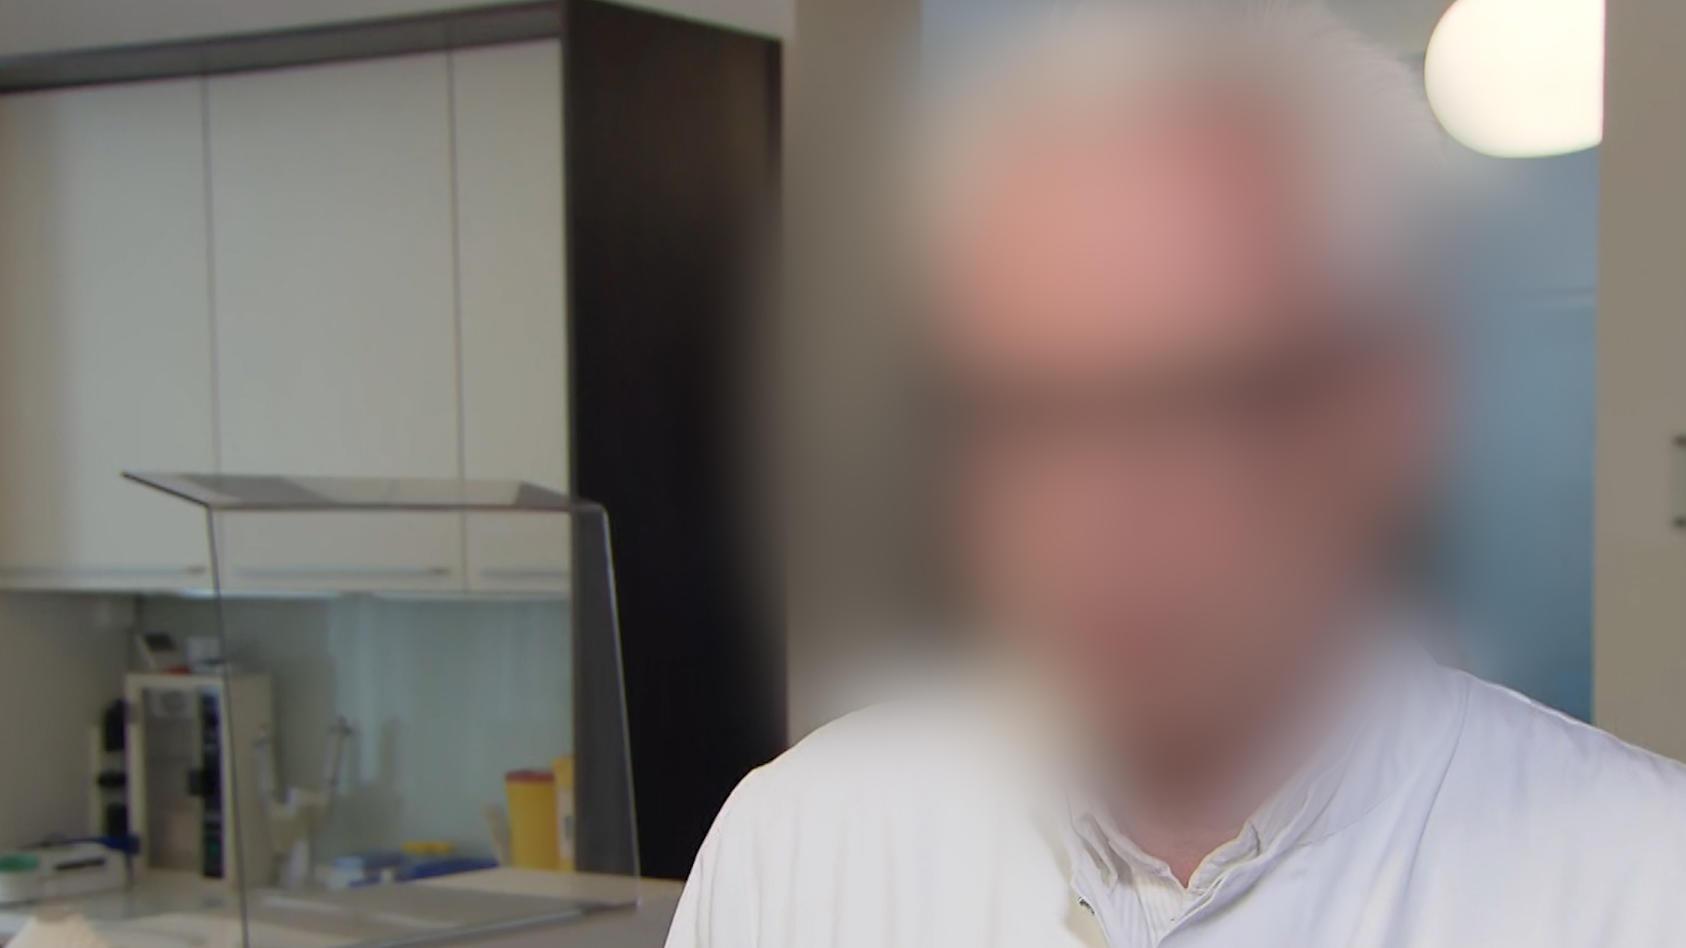 Dr. Karl J. wird sexueller Missbrauch vorgeworfen